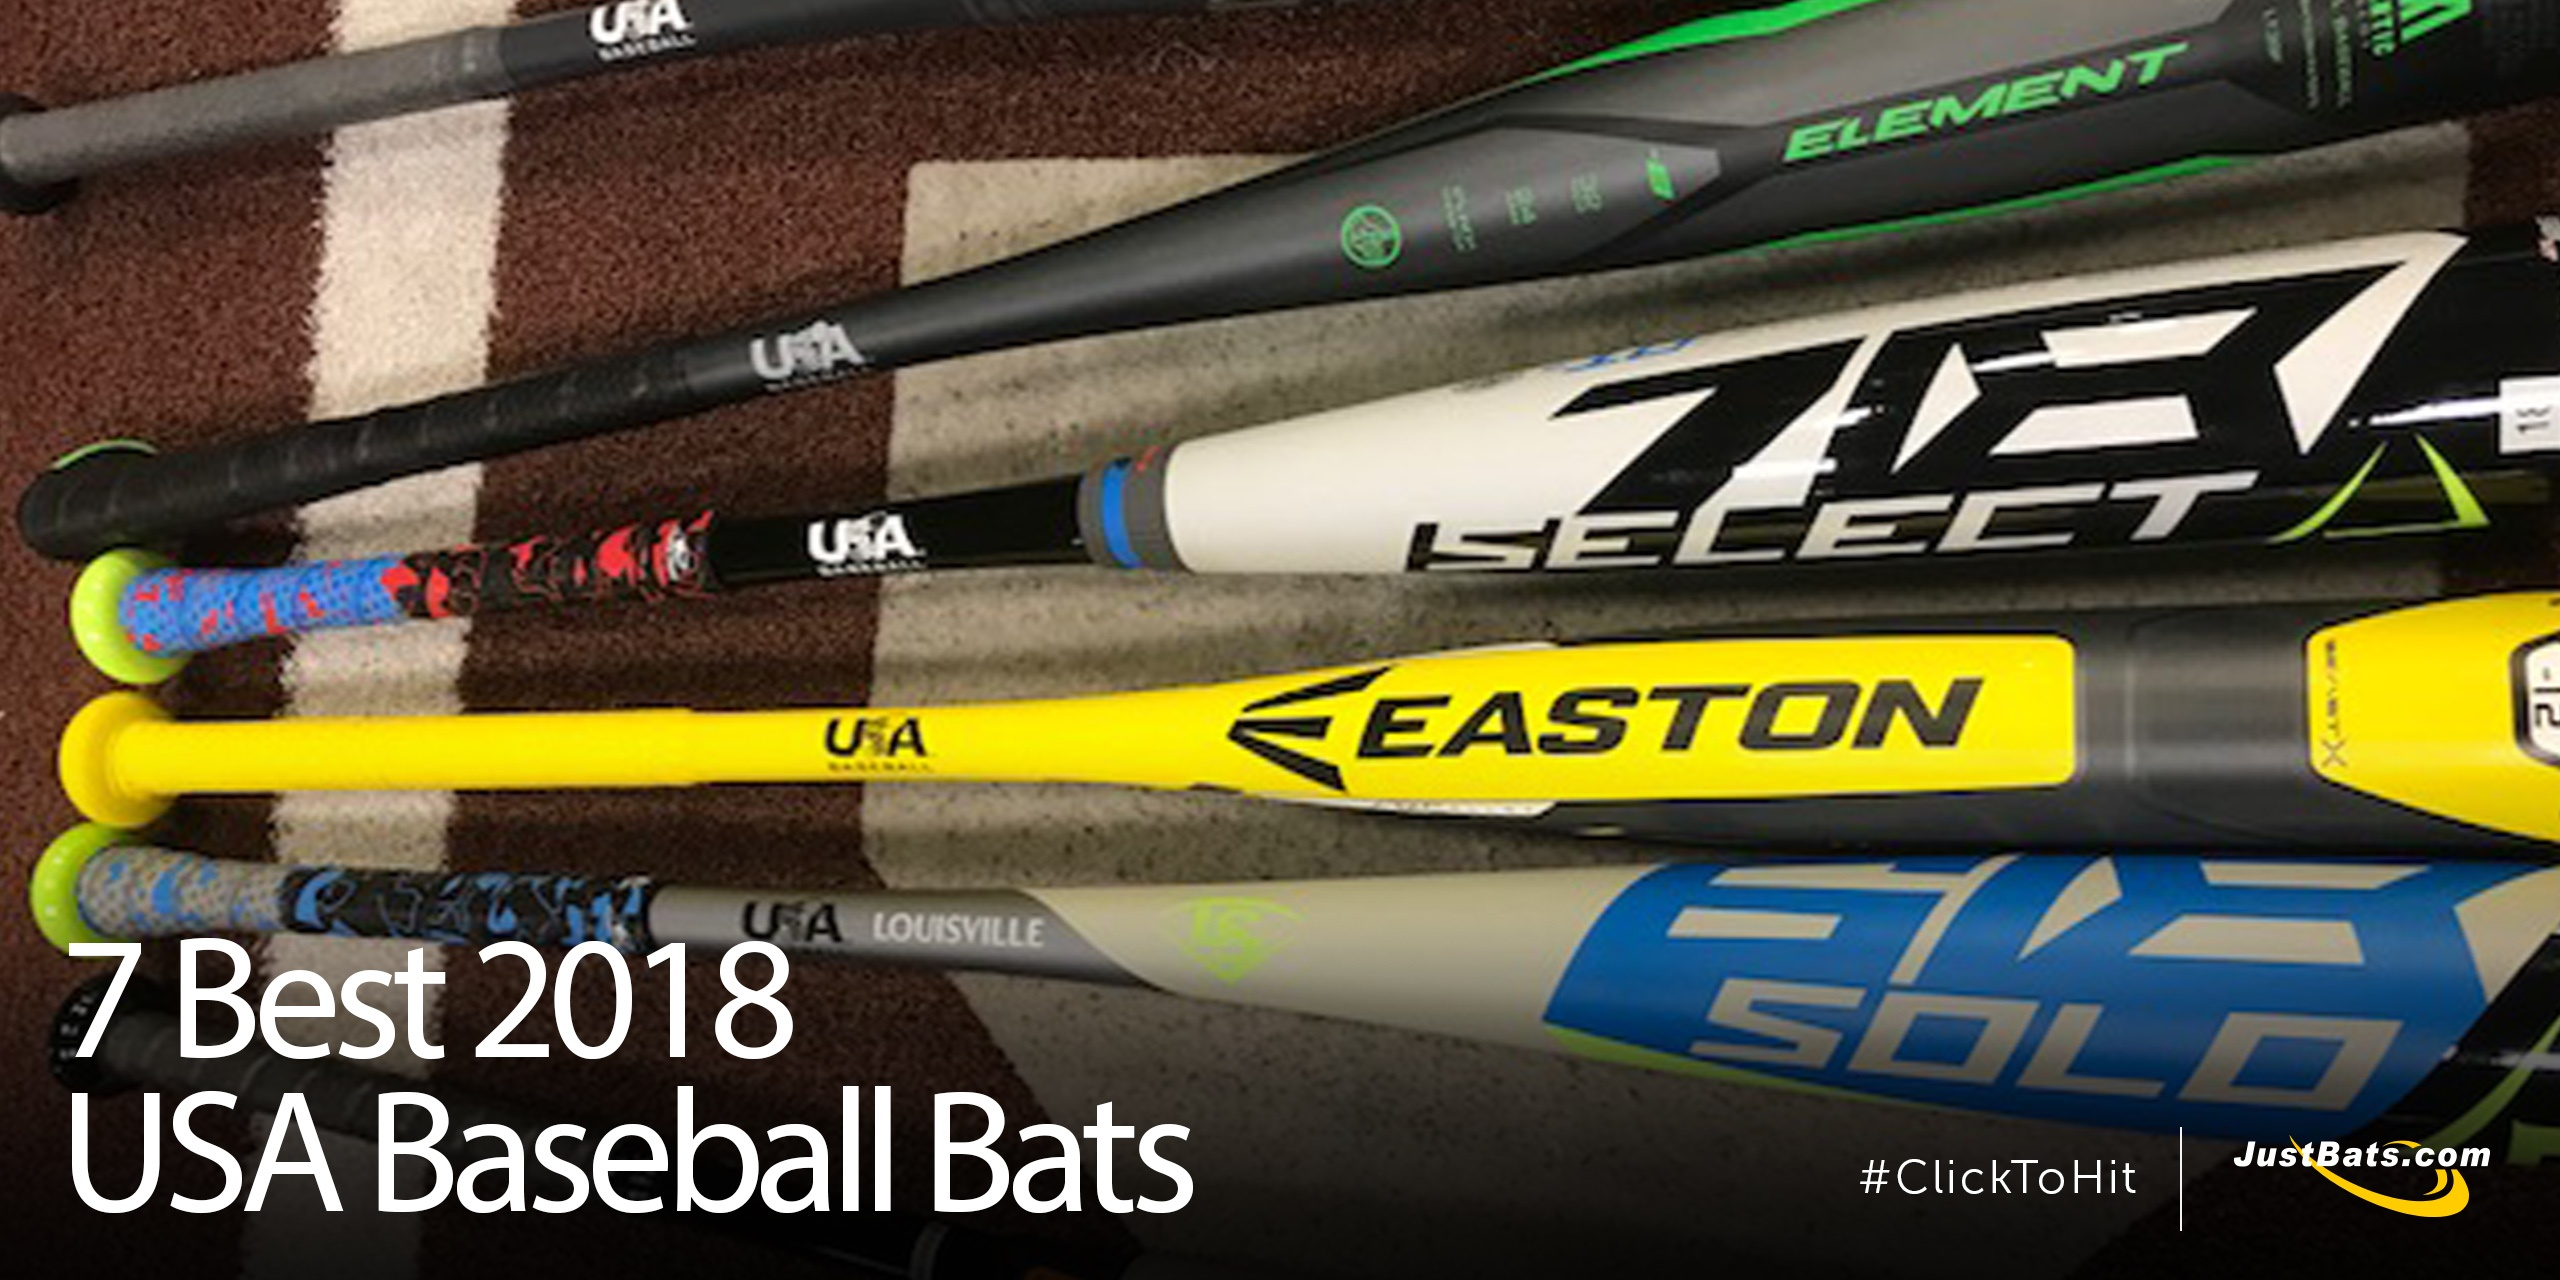 7 Best 2018 USA Baseball Bats - Blog.jpg